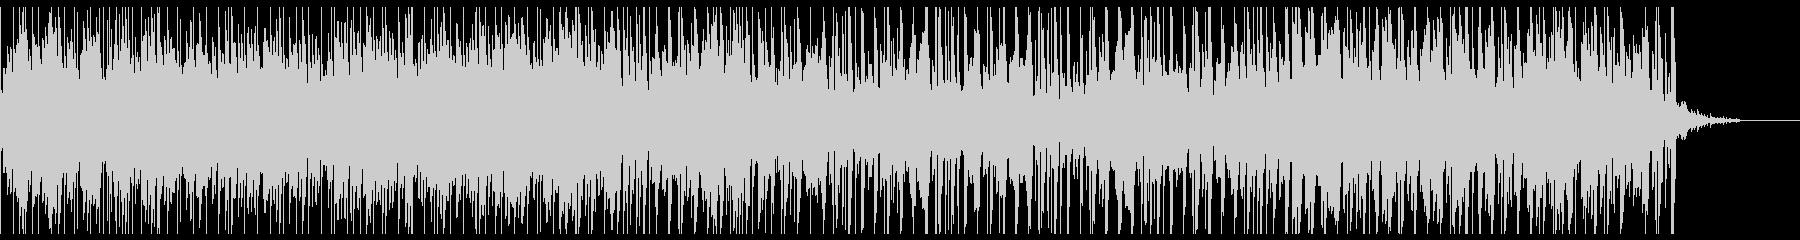 催眠プロダクショントラックは、リズ...の未再生の波形